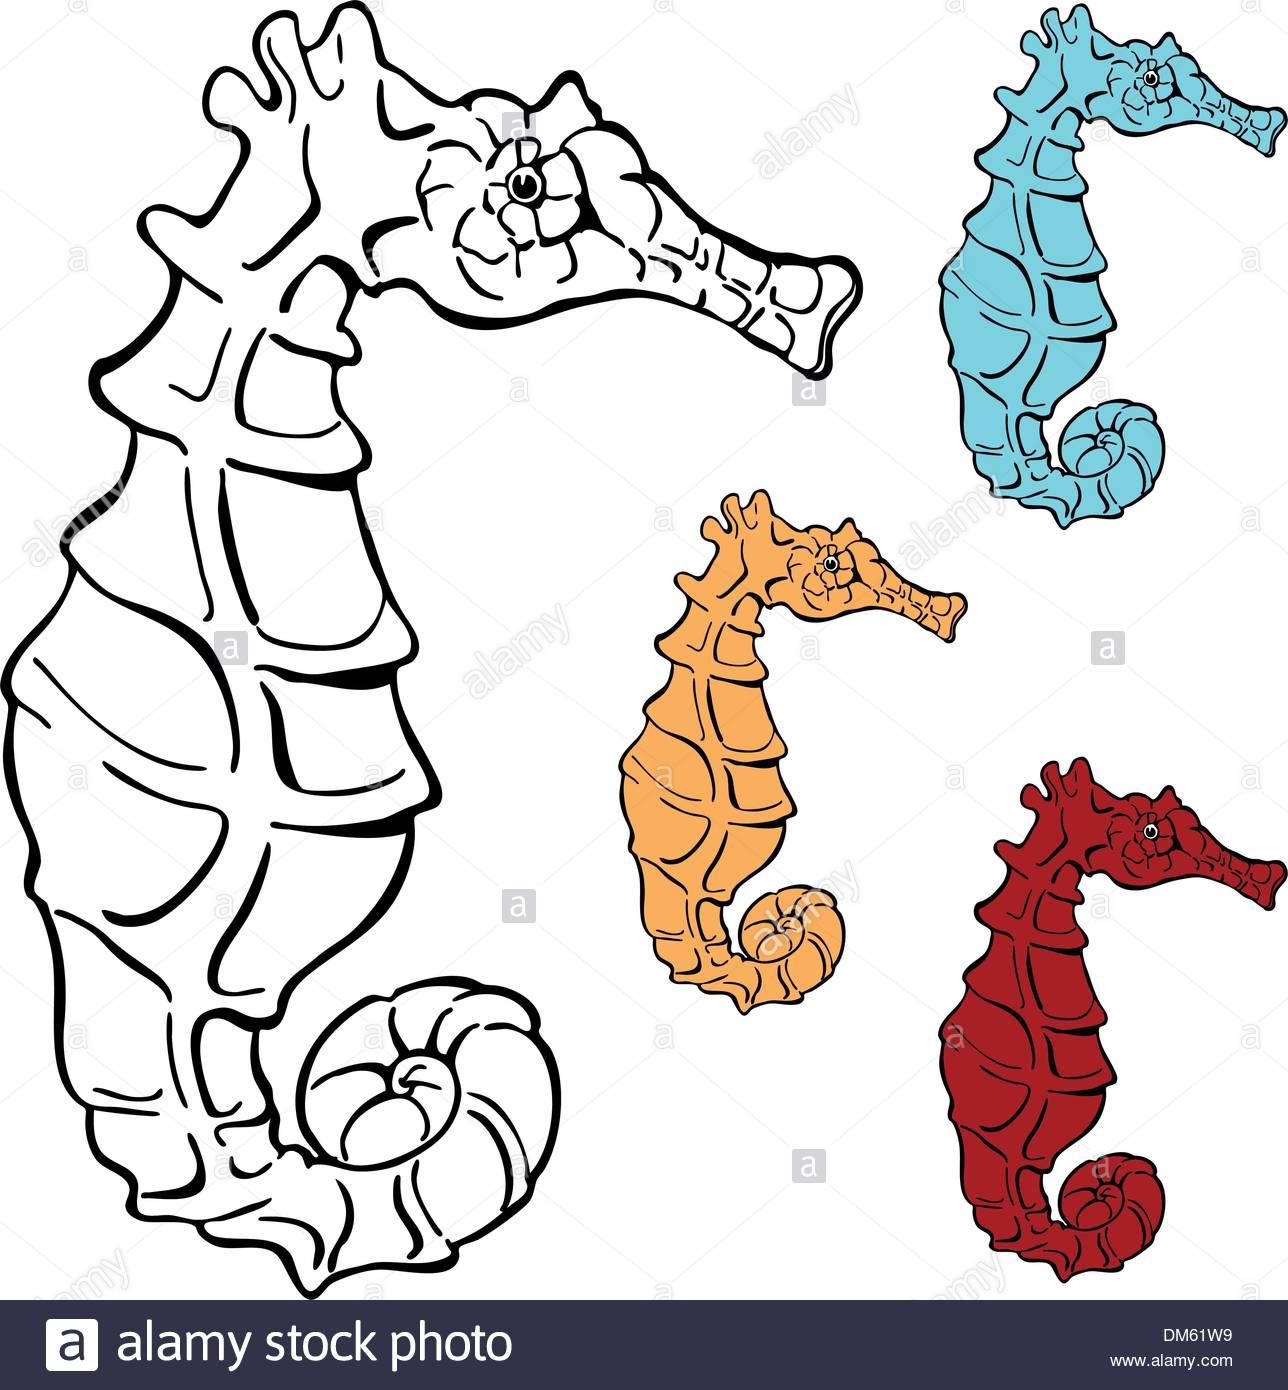 Disegno Di Cavalluccio Marino Illustrazione Vettoriale 64057429 Alamy